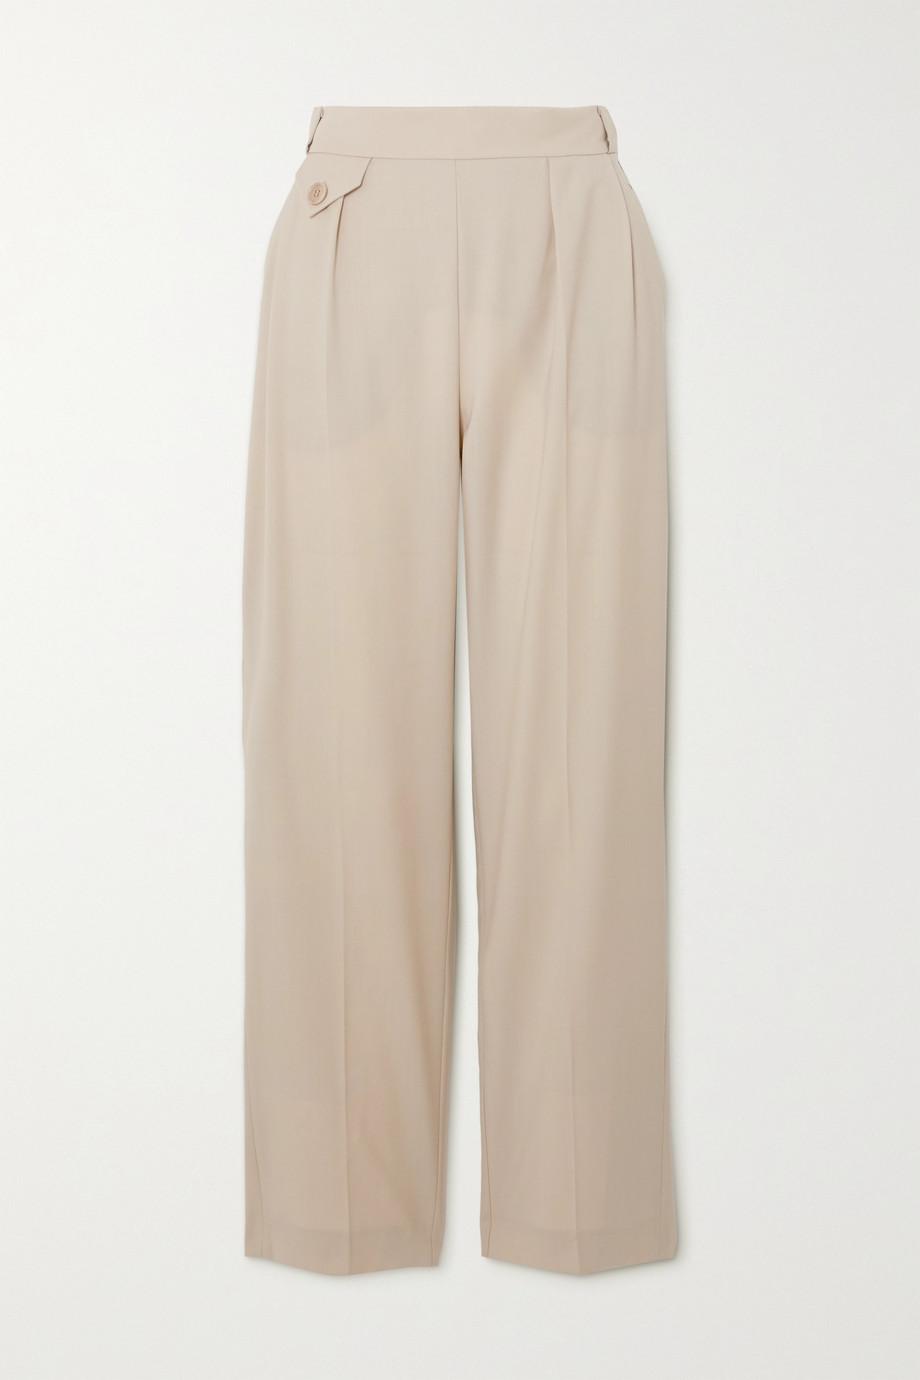 Envelope1976 Pantalon fuselé en laine Marias